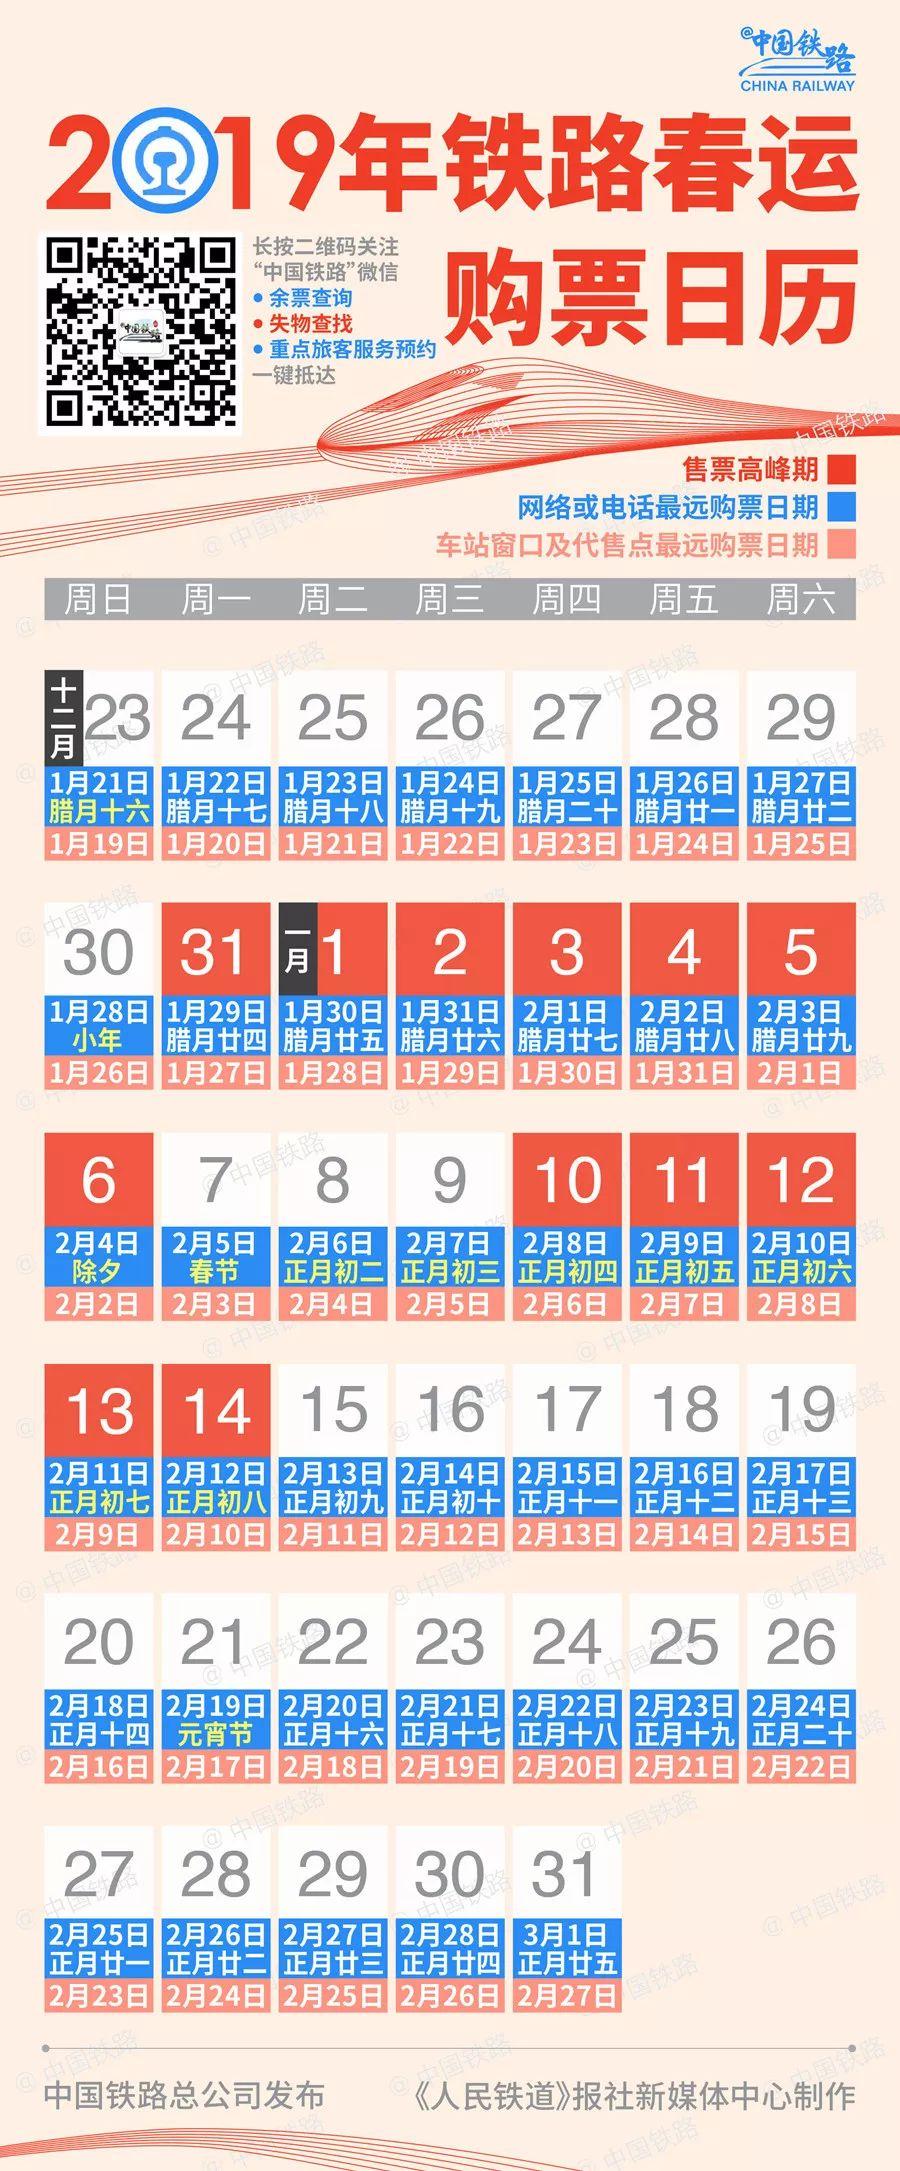 2019铁路春运购票日历正式公布 记得收藏好